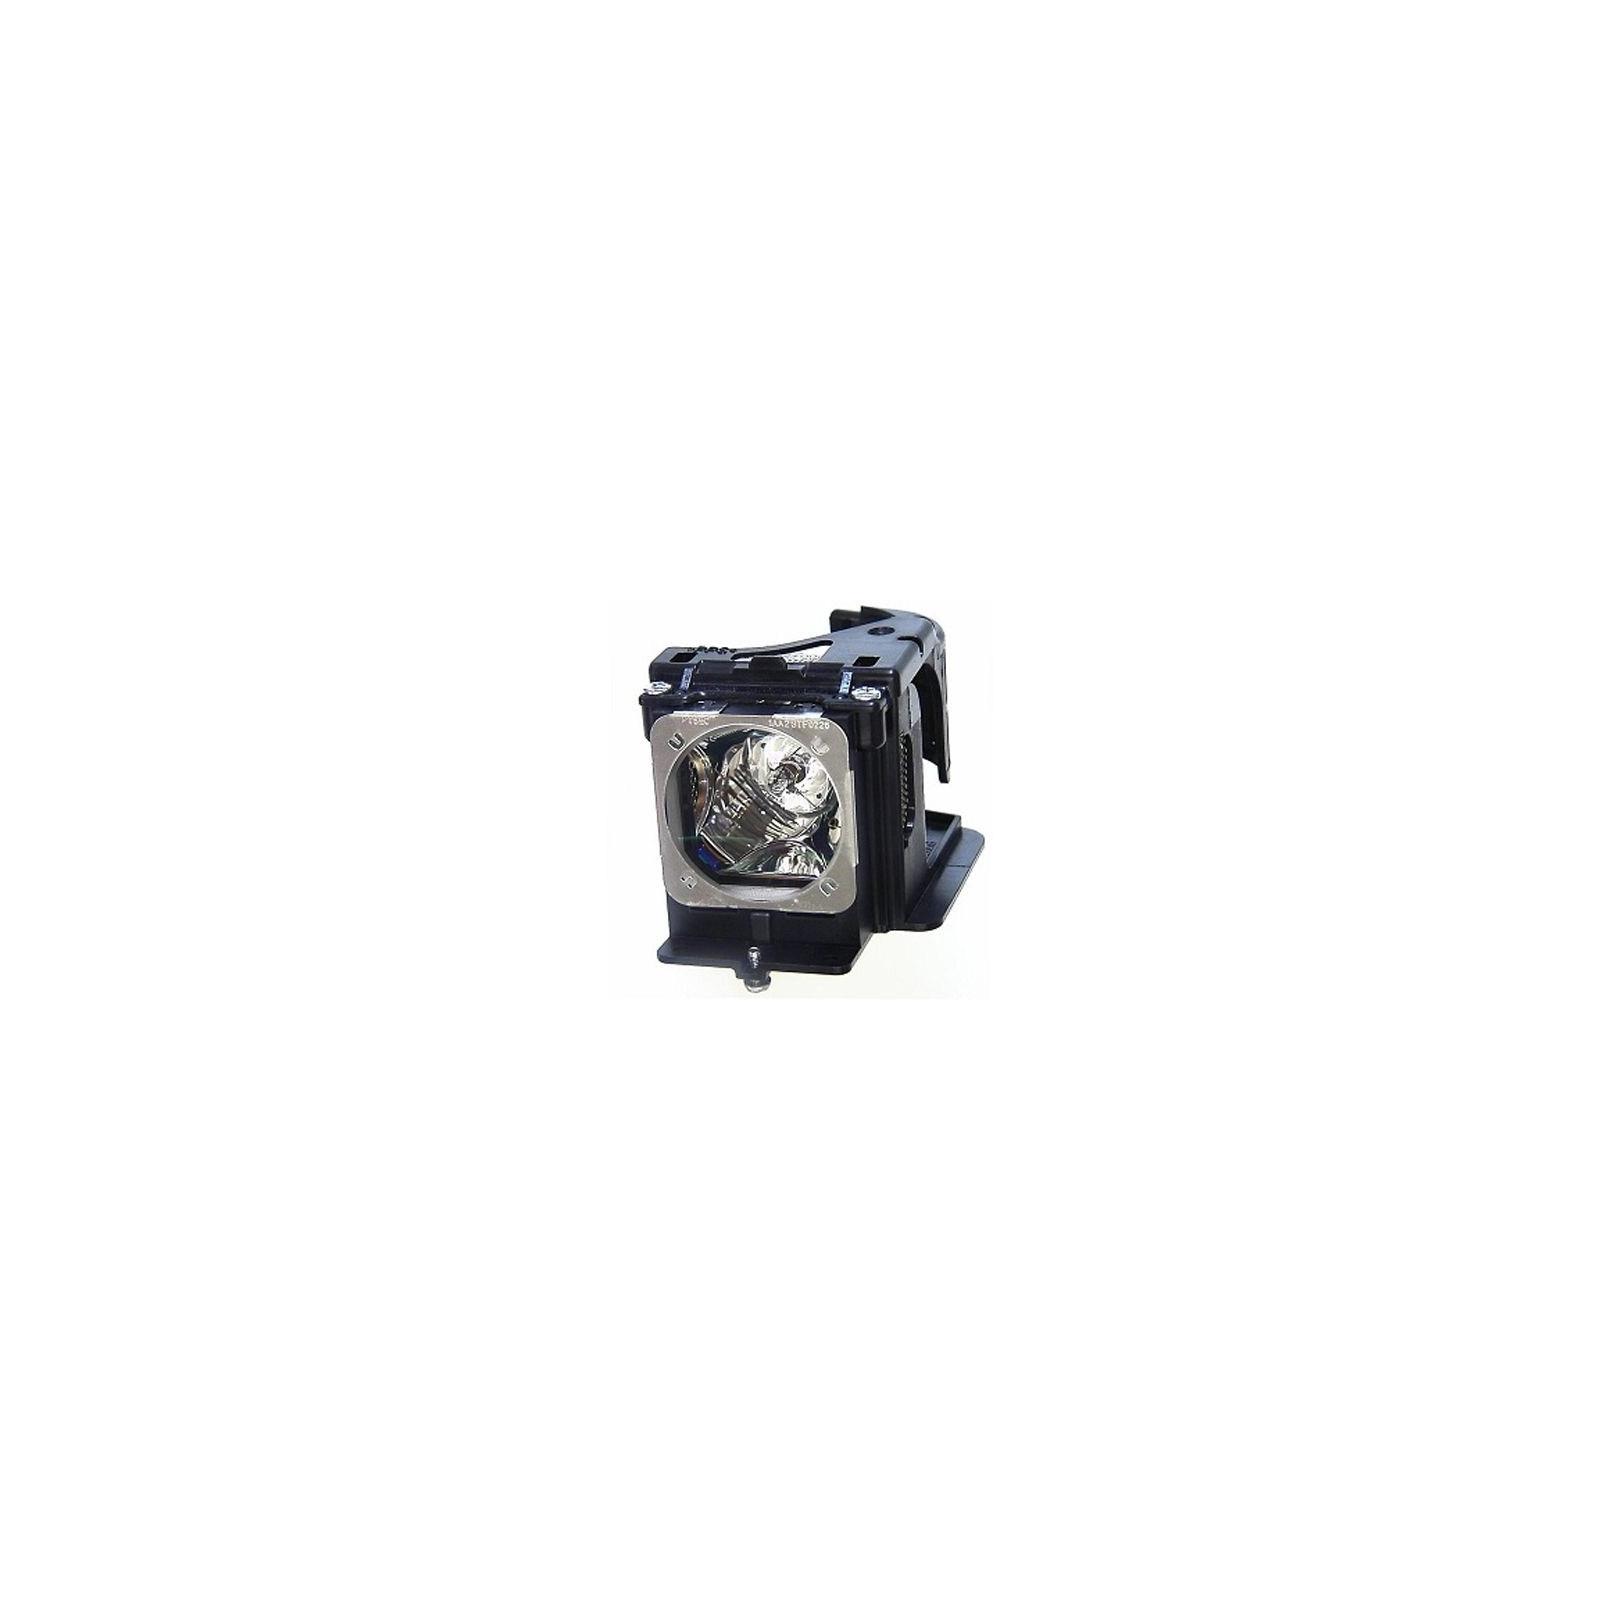 Лампа проектора Optoma EX521/ES521/DX211/DS211 (SP.8LG01GC01)